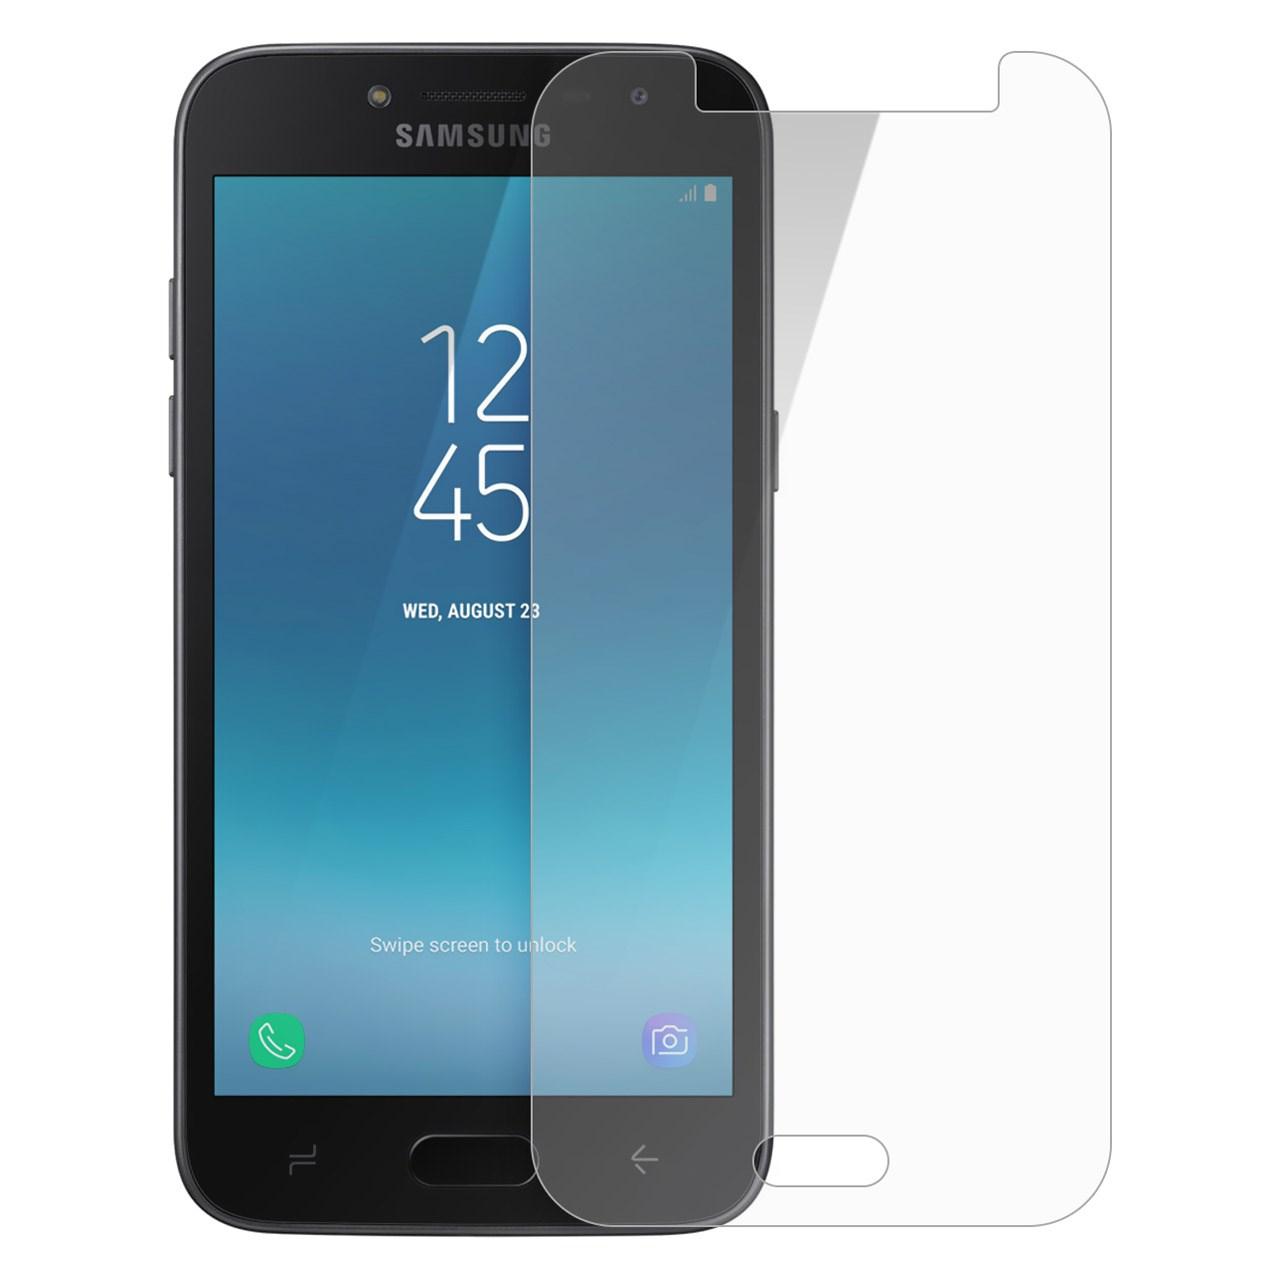 محافظ صفحه نمایش شیشه ای مدل Tempered مناسب برای گوشی موبایل سامسونگ Galaxy Grand Prime Pro              ( قیمت و خرید)